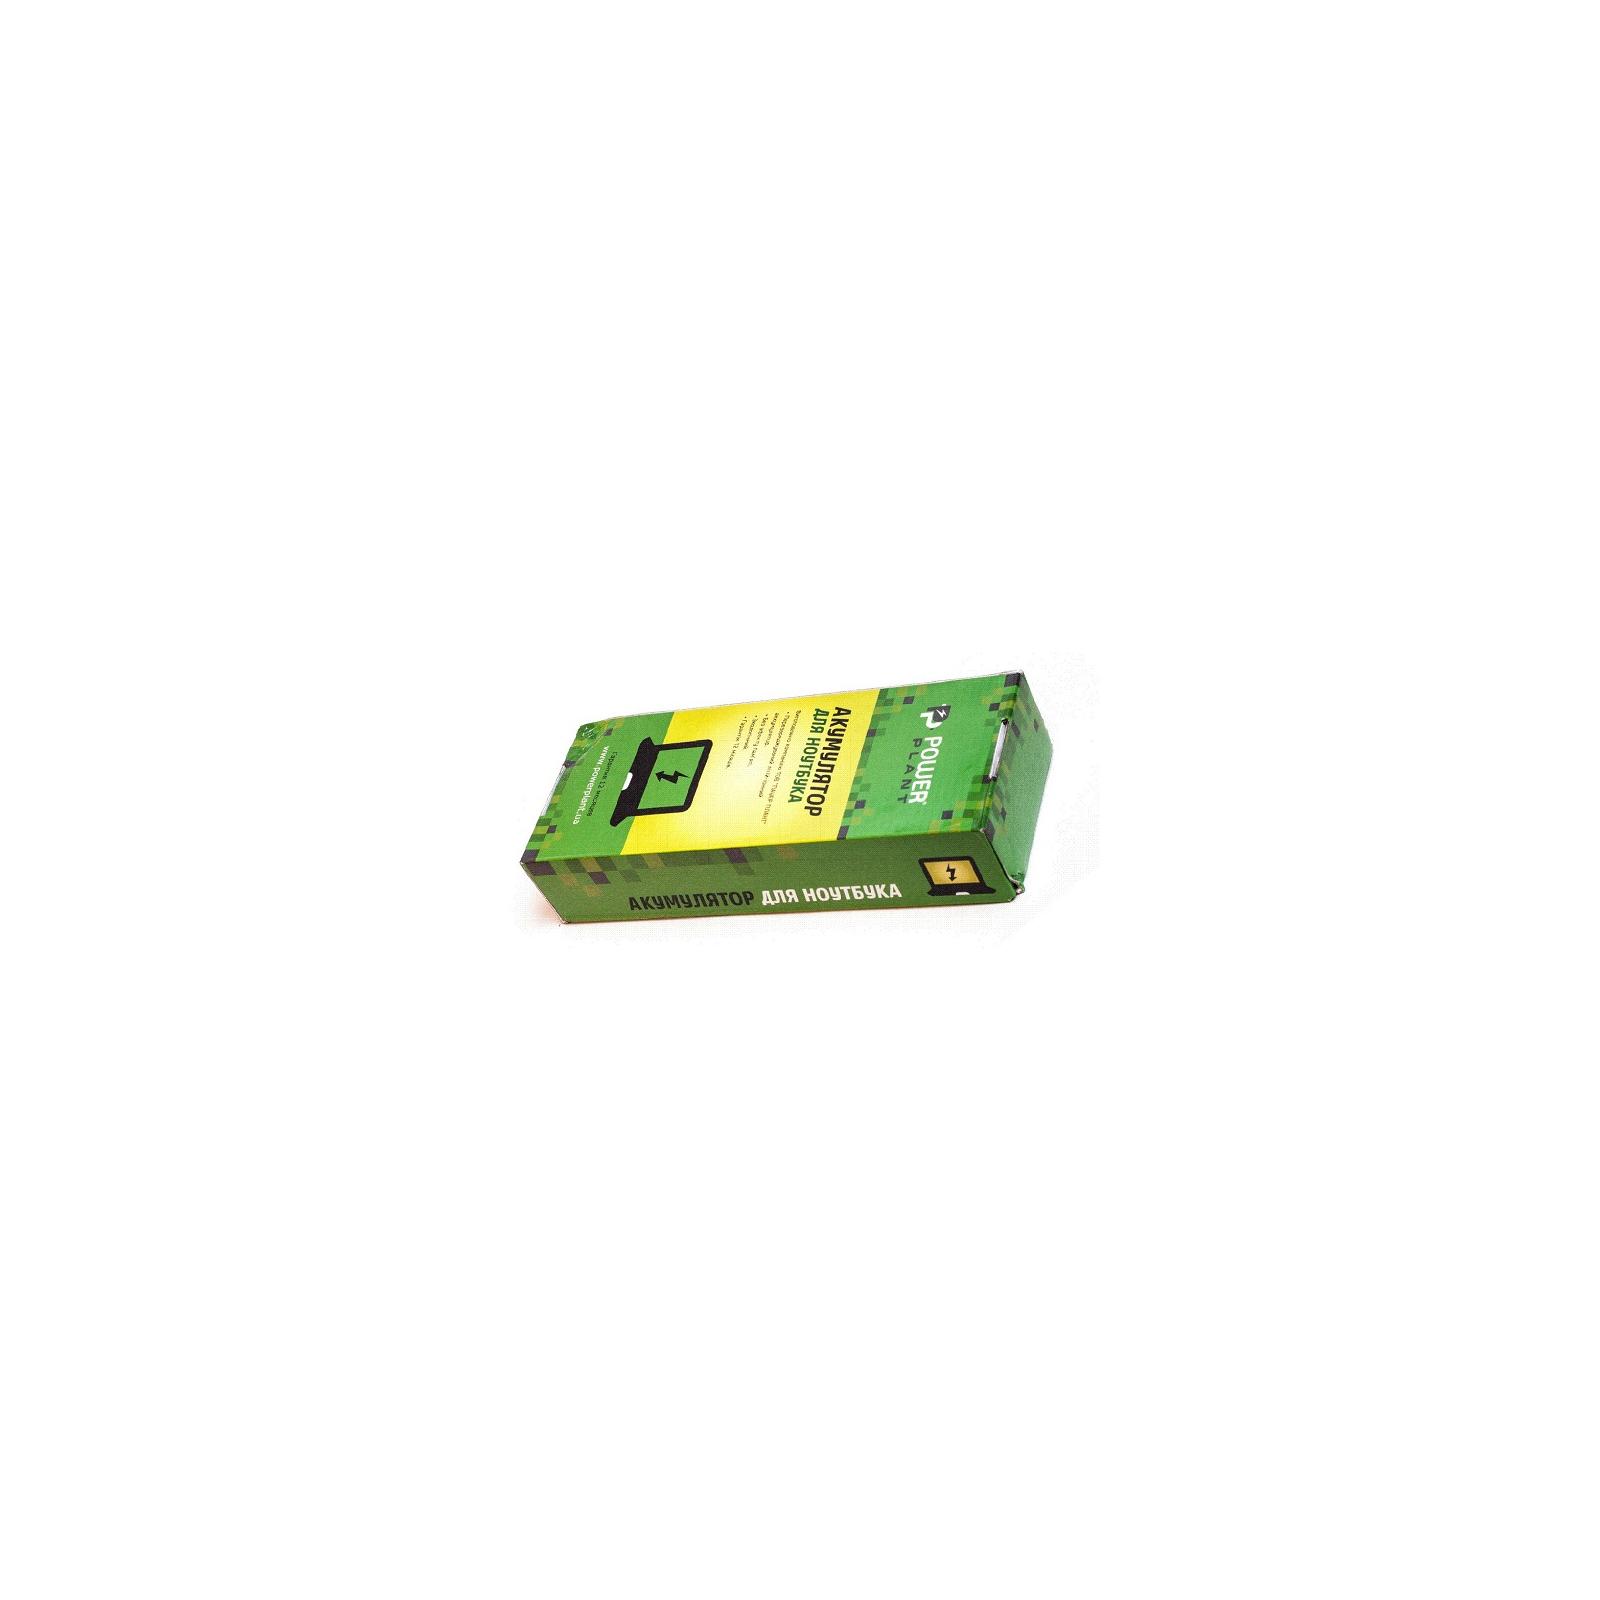 Аккумулятор для ноутбука ASUS F9 (A32-F9) 11,1V 4400mAh PowerPlant (NB00000191) изображение 3